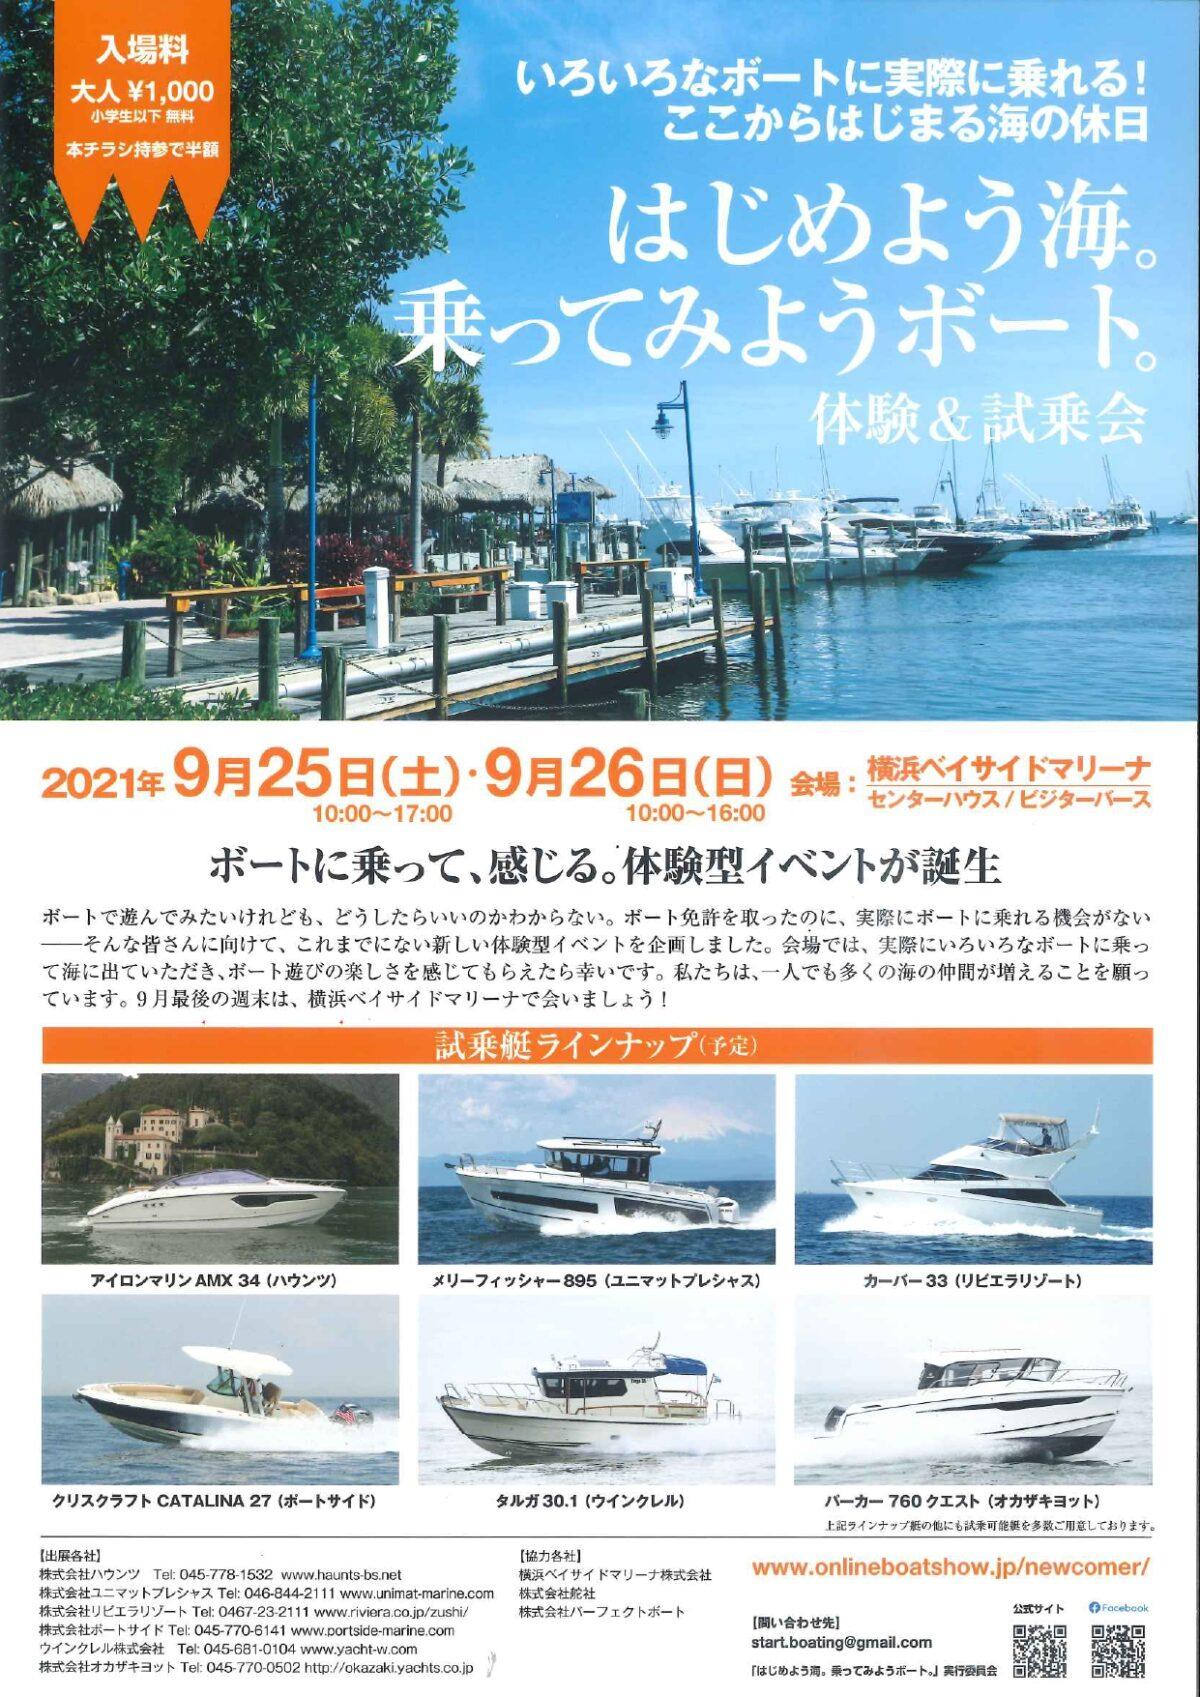 「はじめよう海。乗ってみようボート。」体験&試乗会のお知らせ